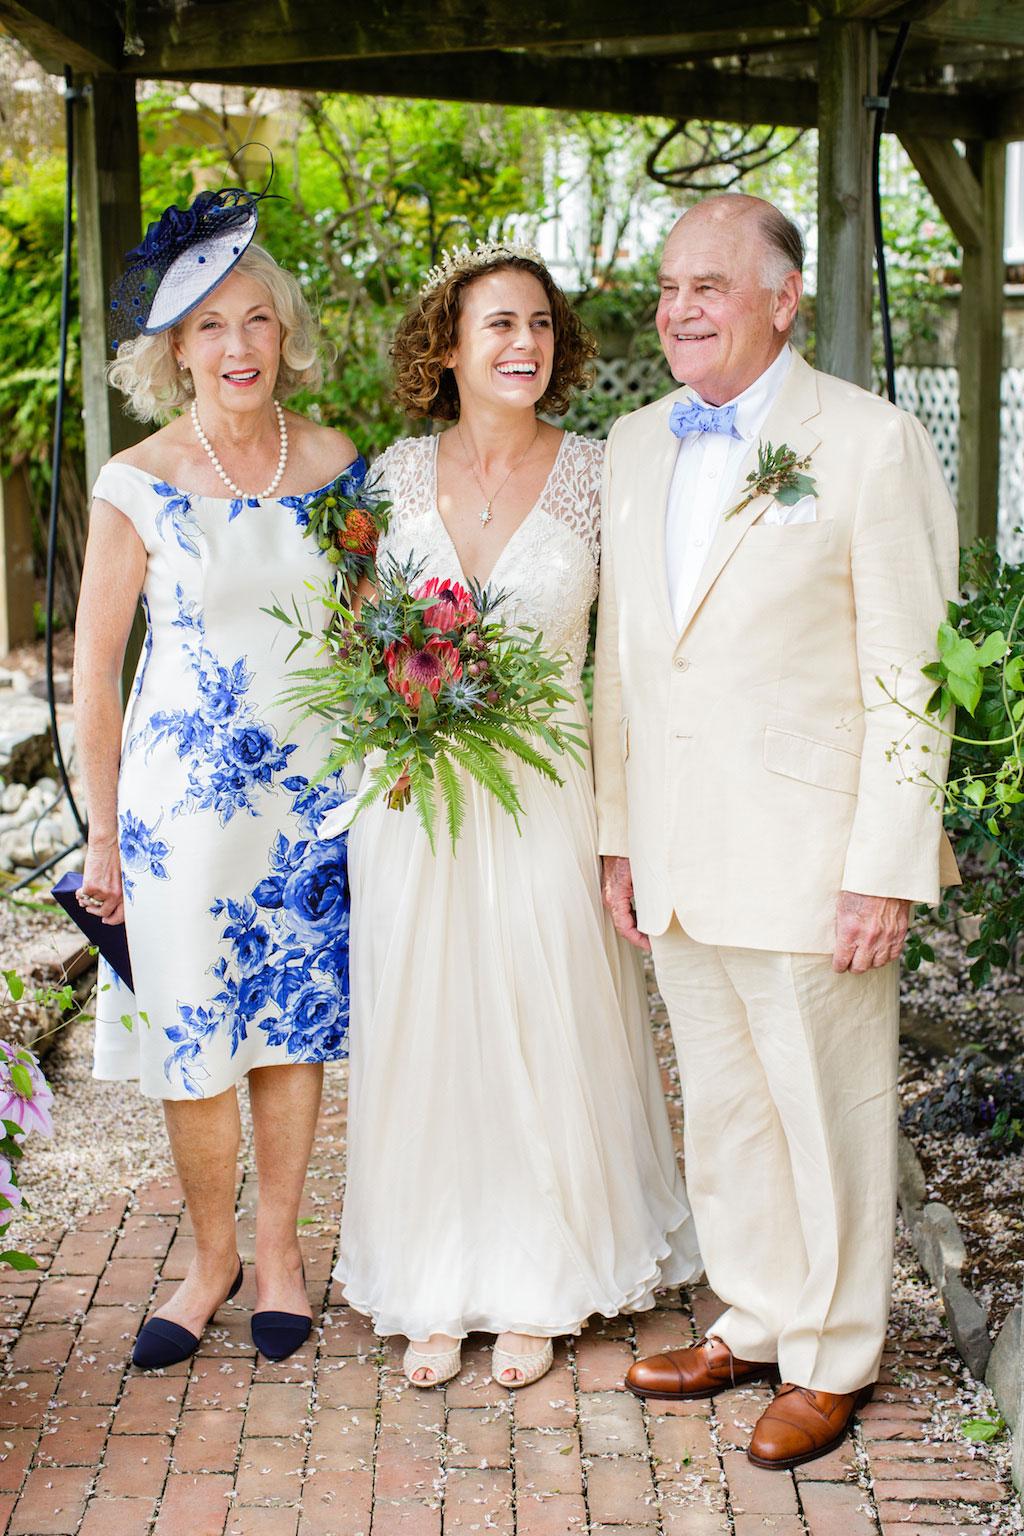 4-13-16-colorful-jungle-maryland-wedding-3